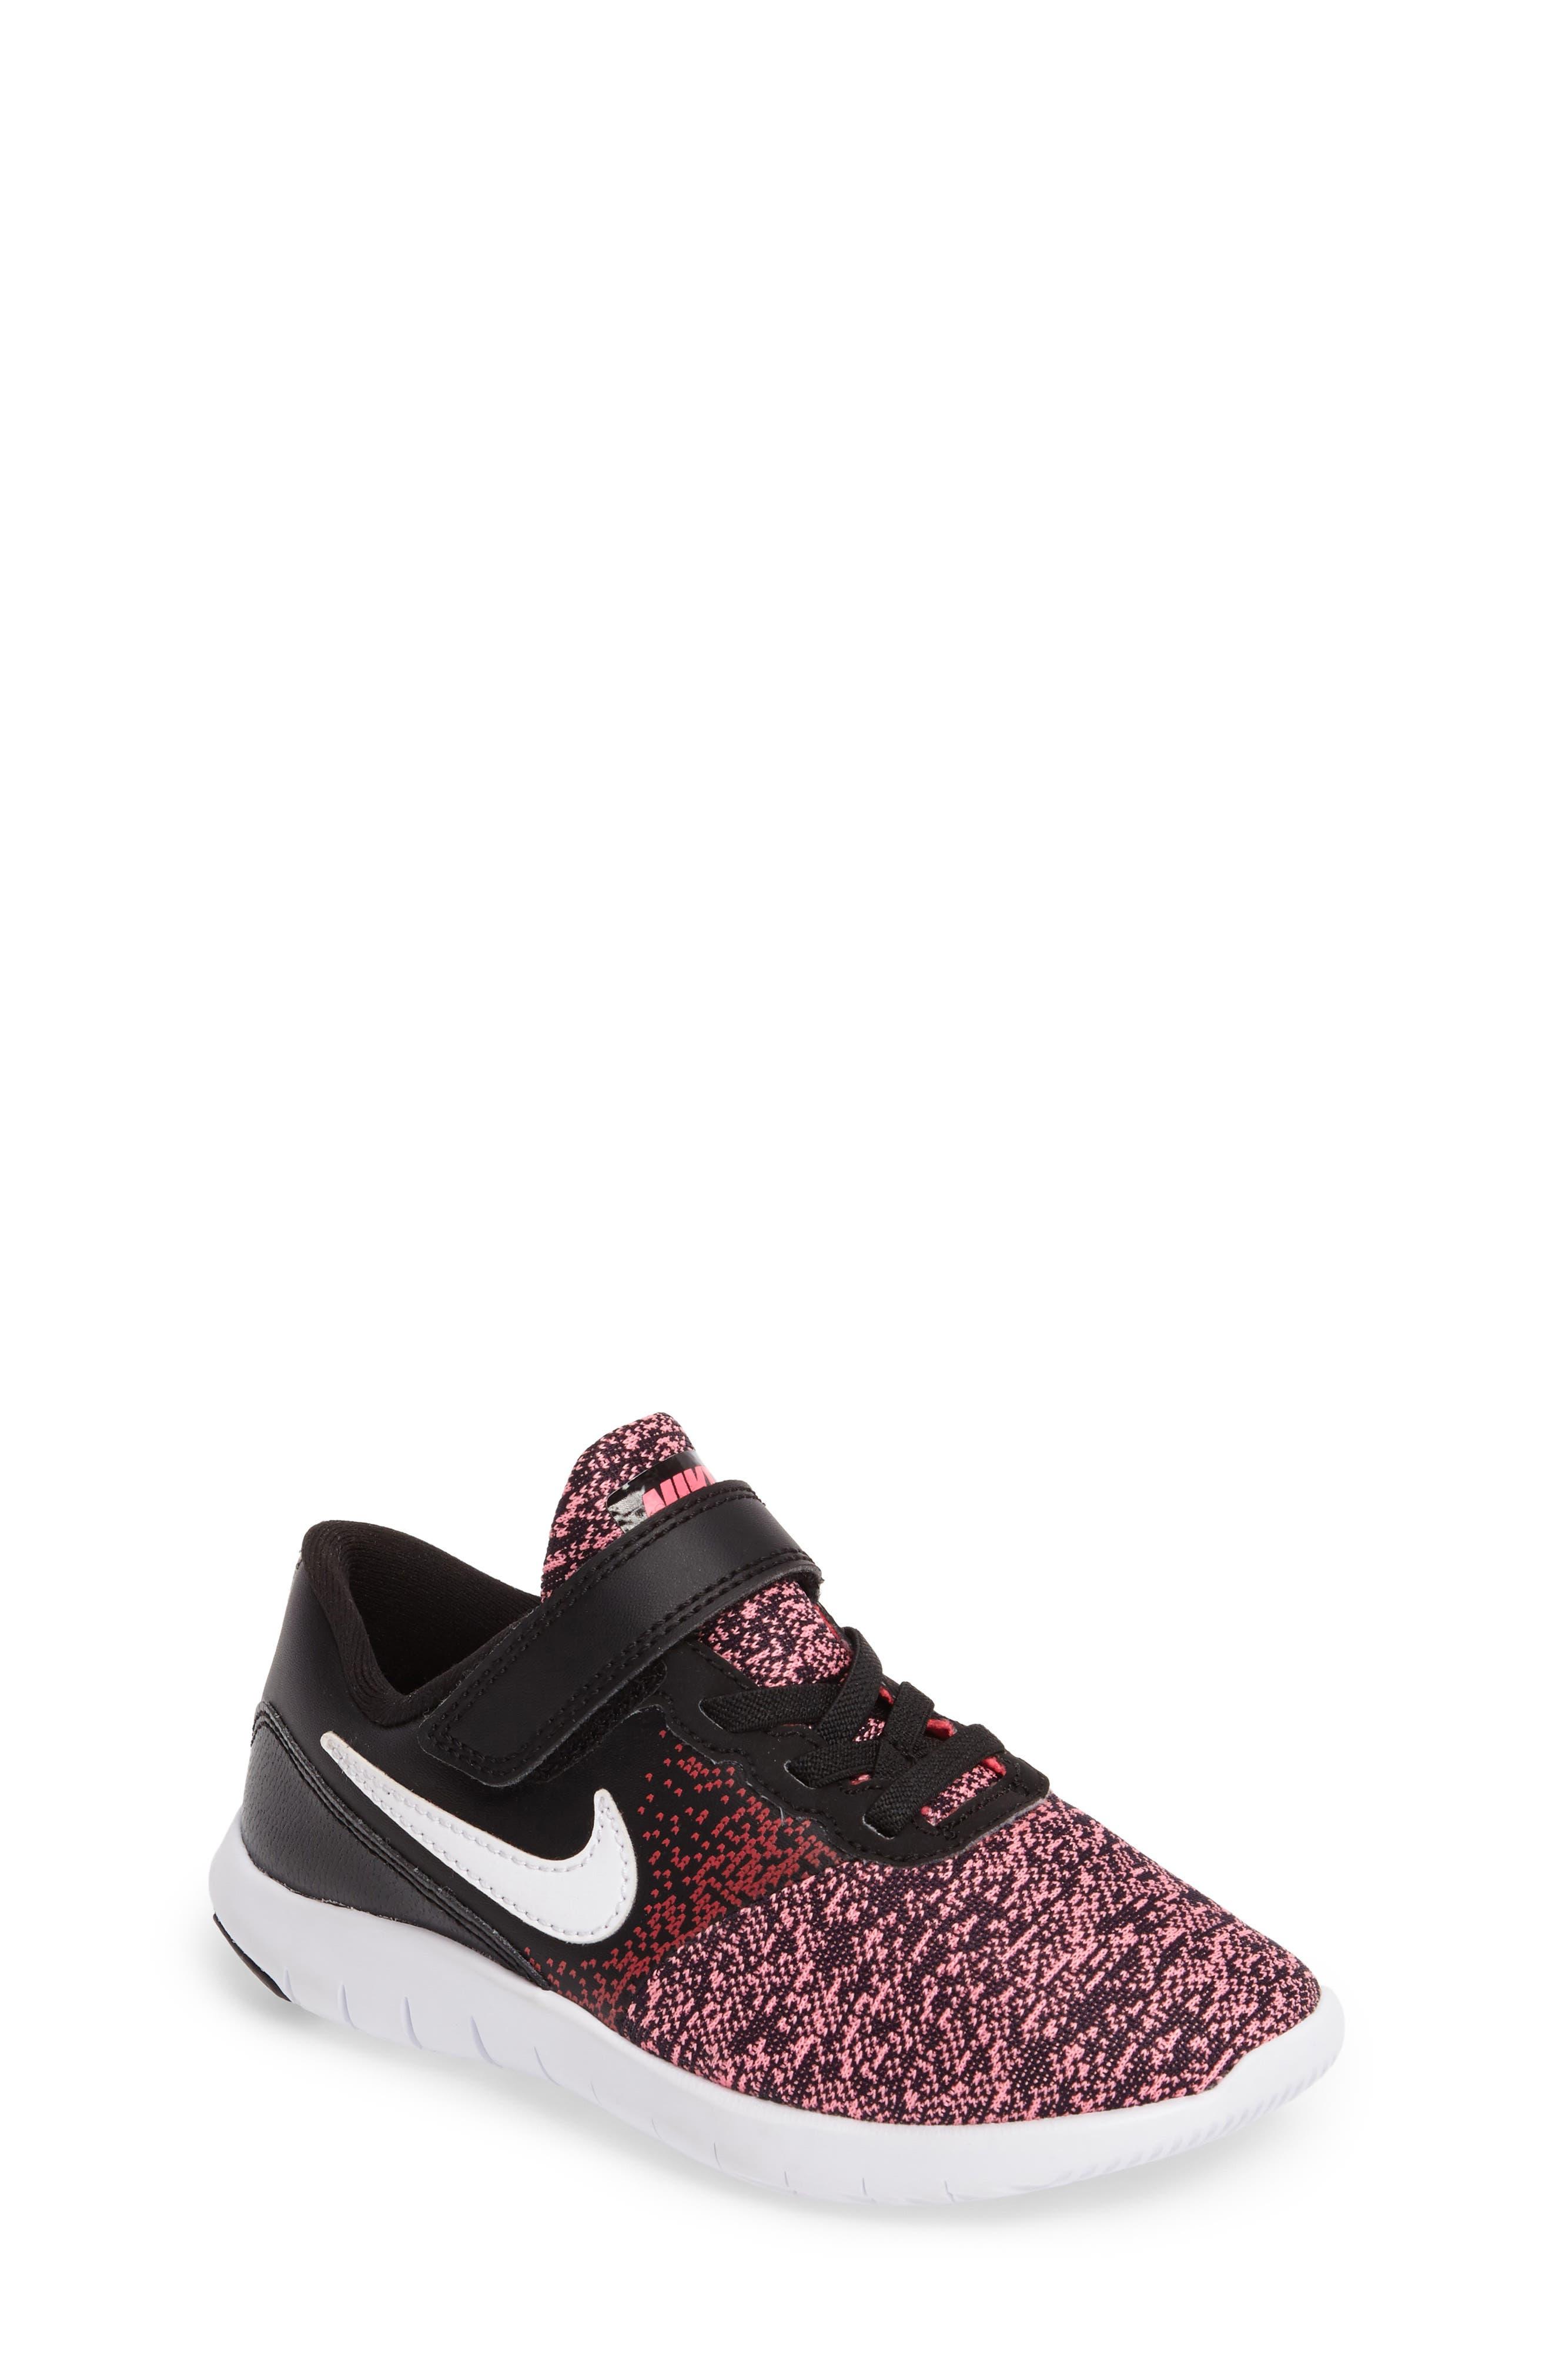 Nike Flex Contact Running Shoe (Toddler & Little Kid) (Regular Retail Price: $53.00)